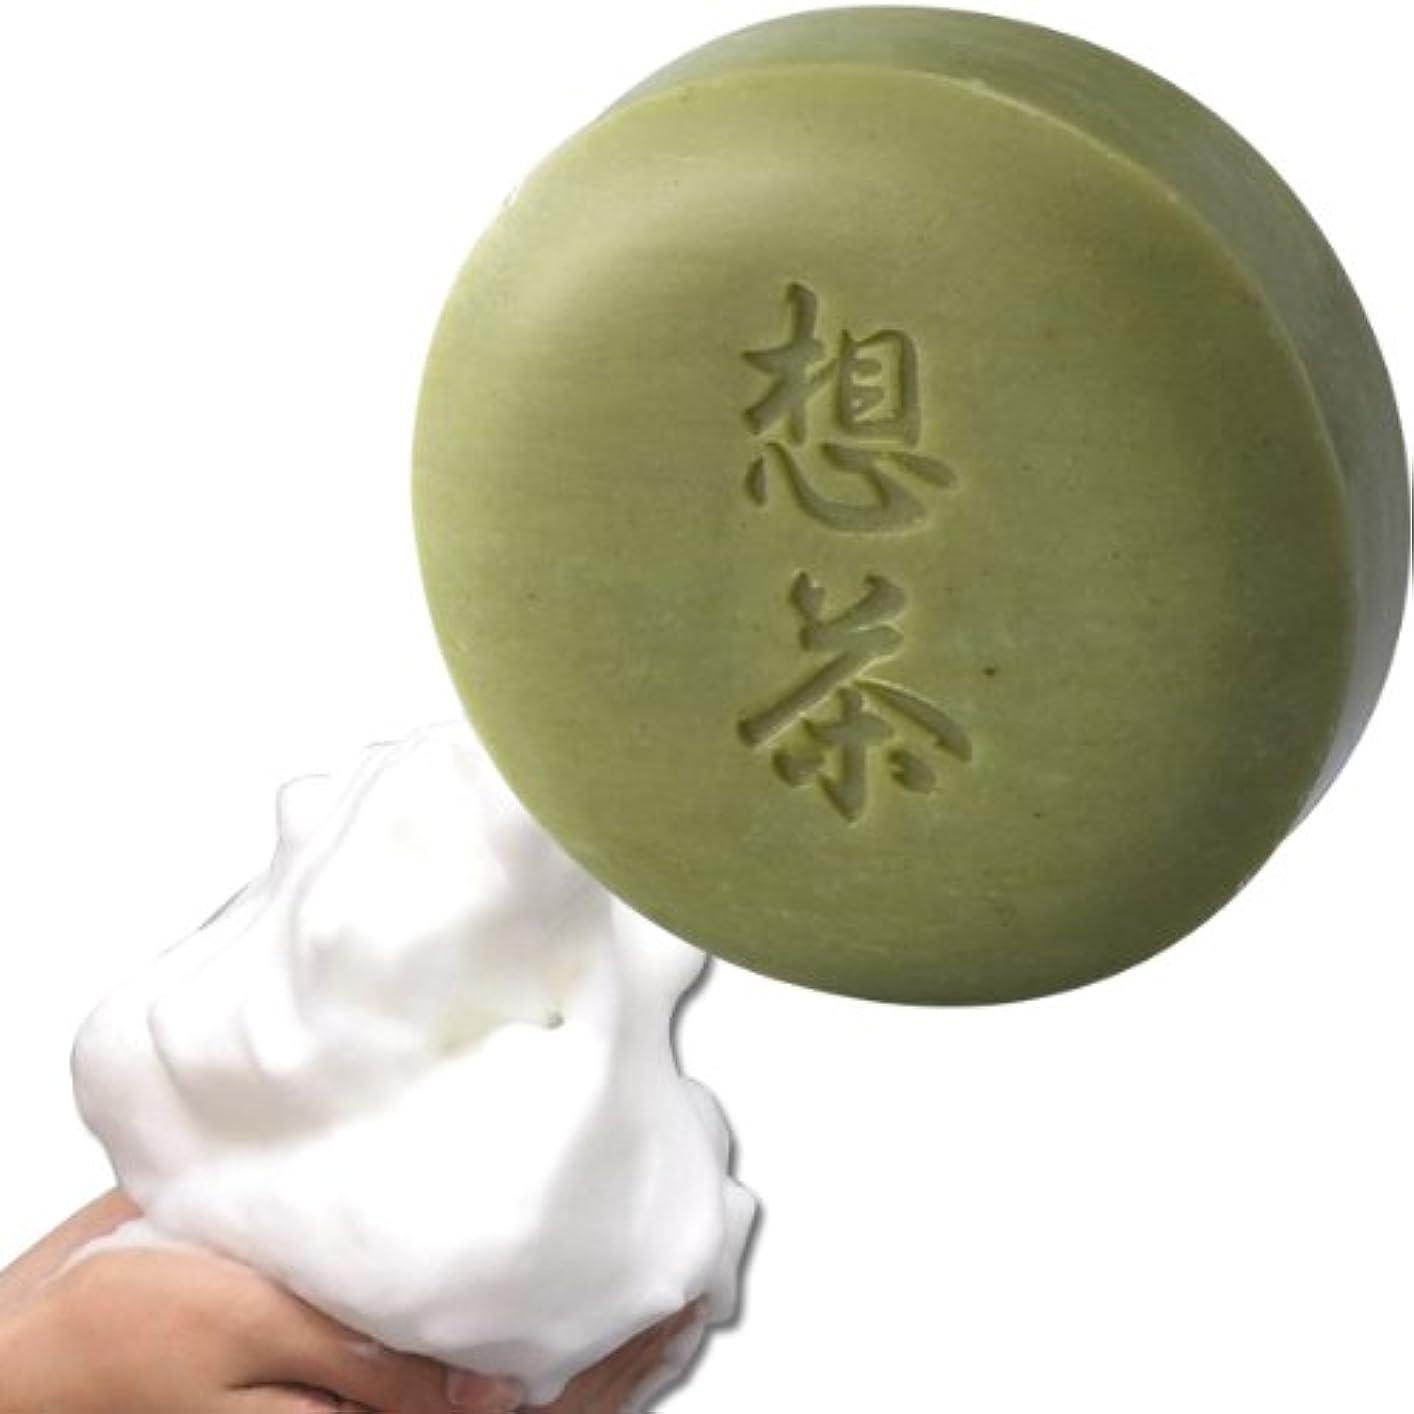 シャンパンプロジェクター悪行想茶石鹸 100g(お茶屋さんが作ったお茶石鹸)